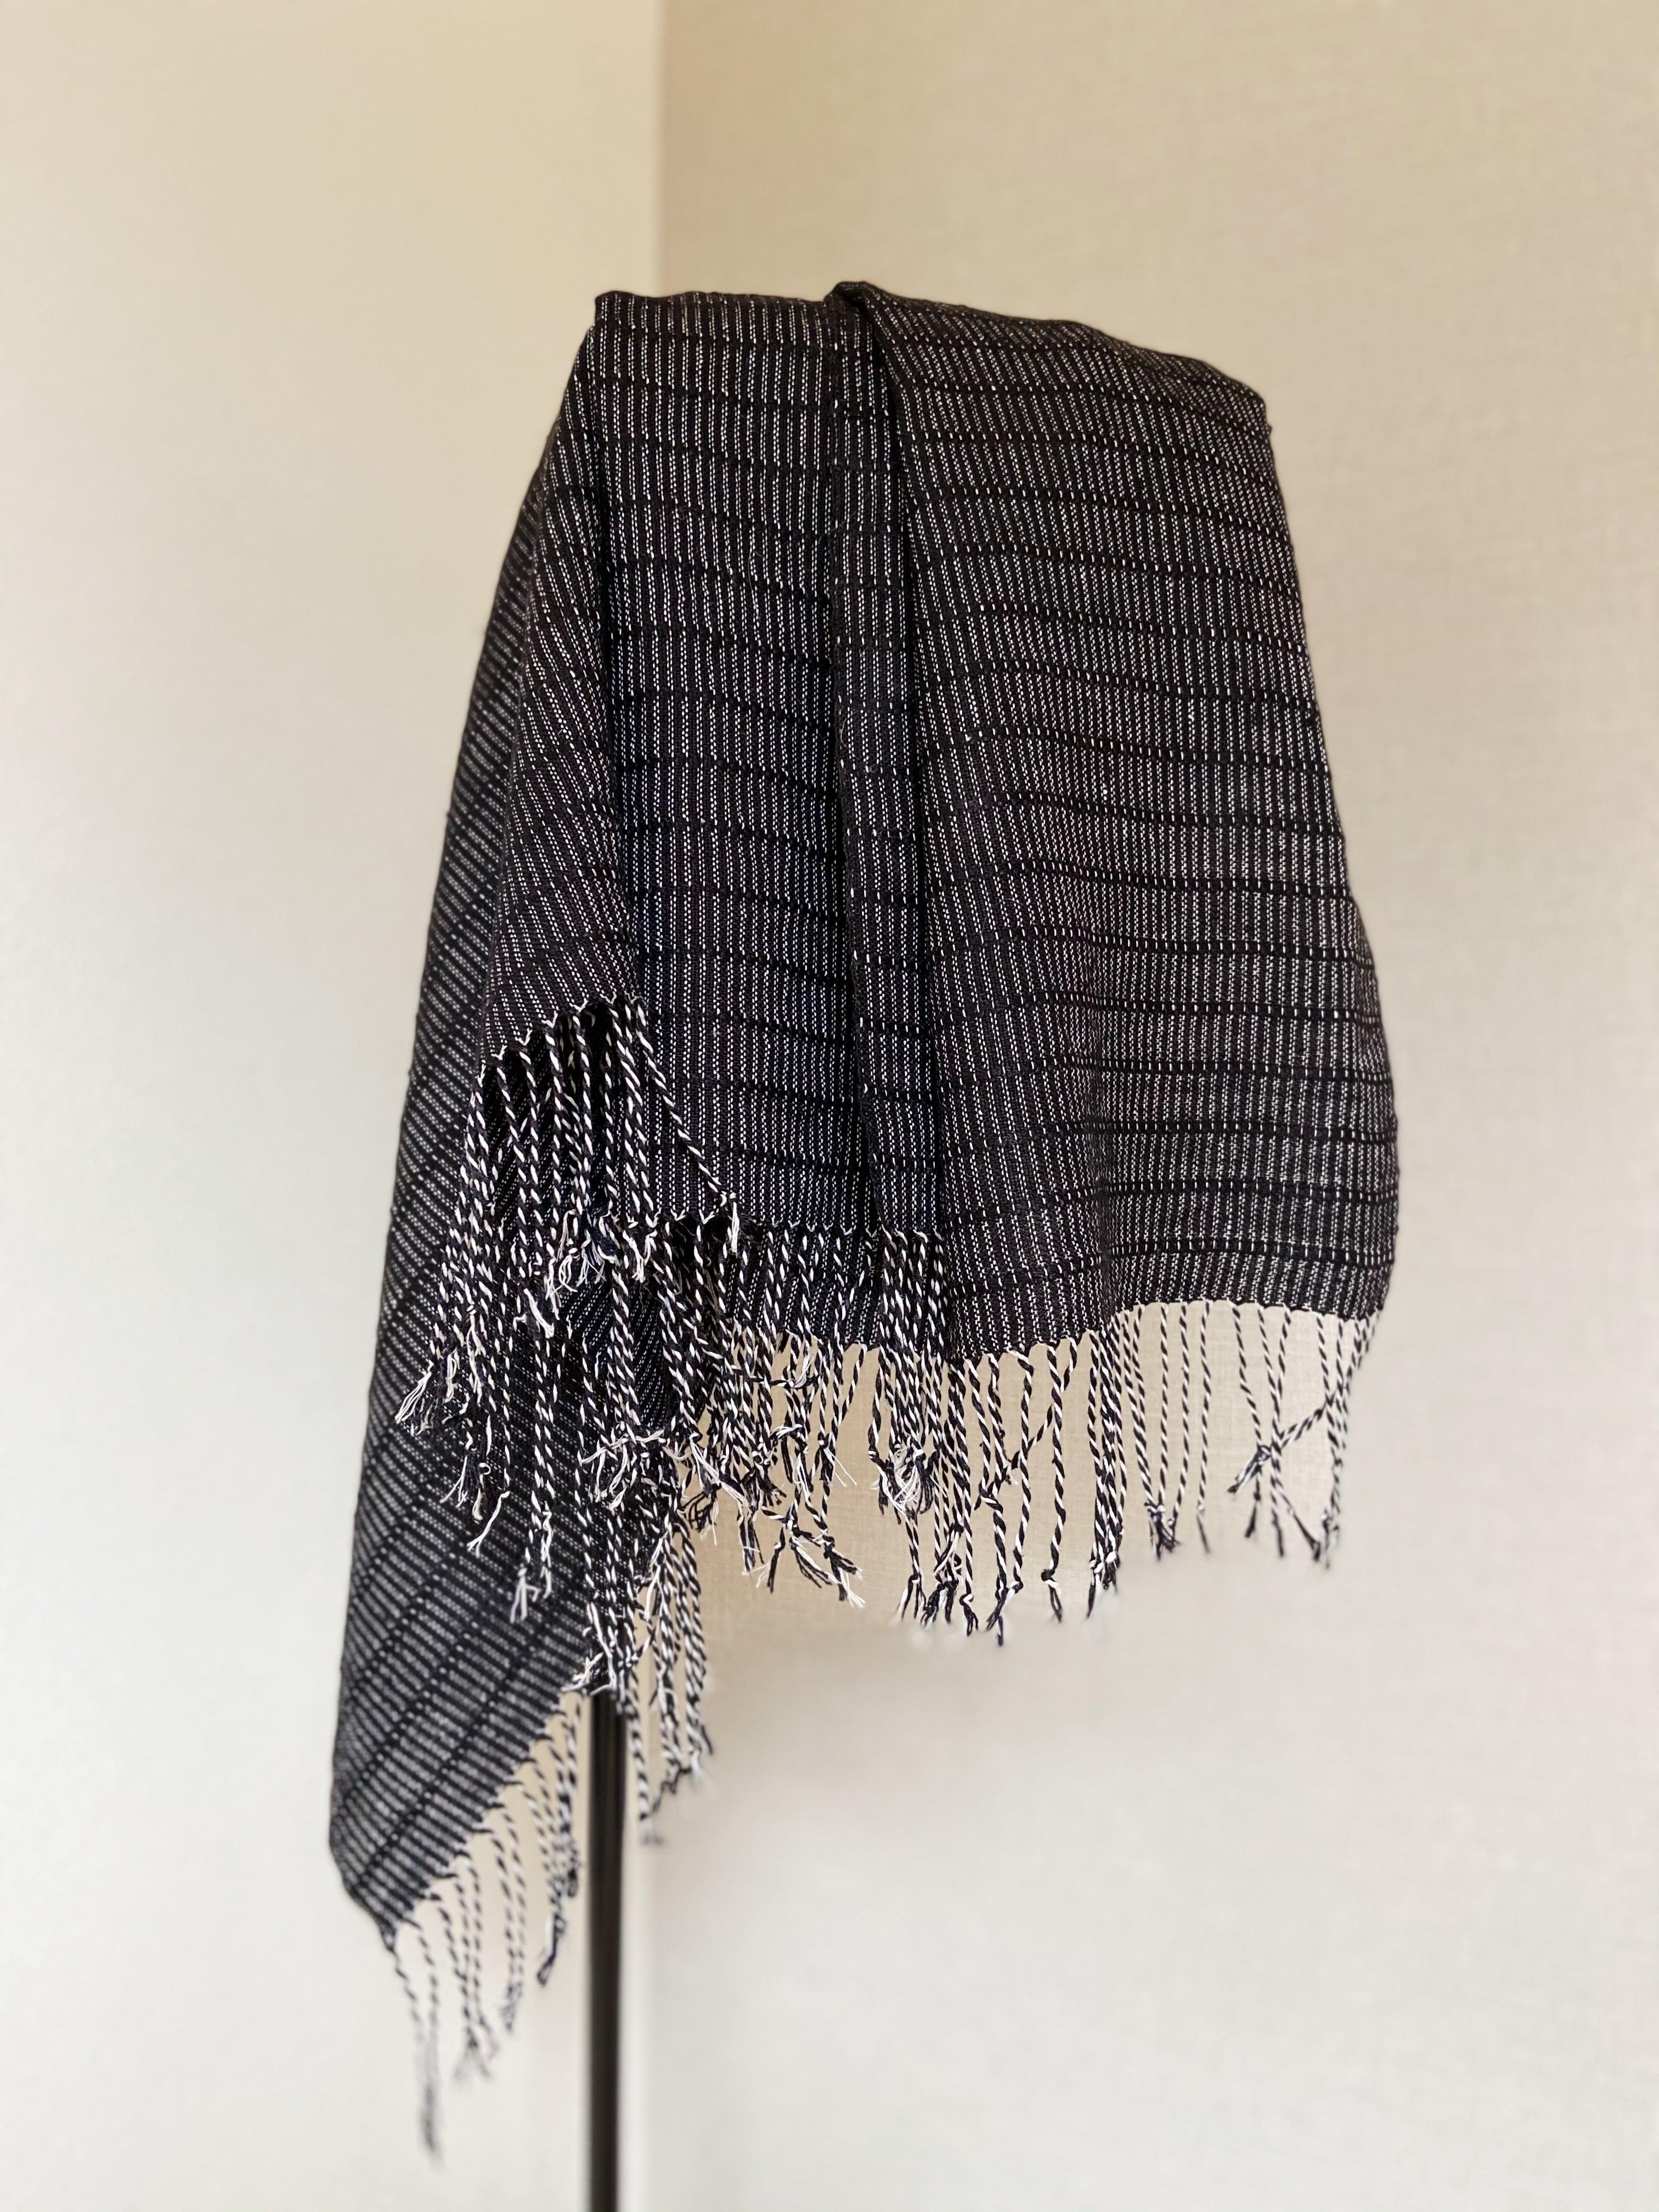 手織りシルクショール アリニア( HAND WOVEN SHAWL Black Alinea )